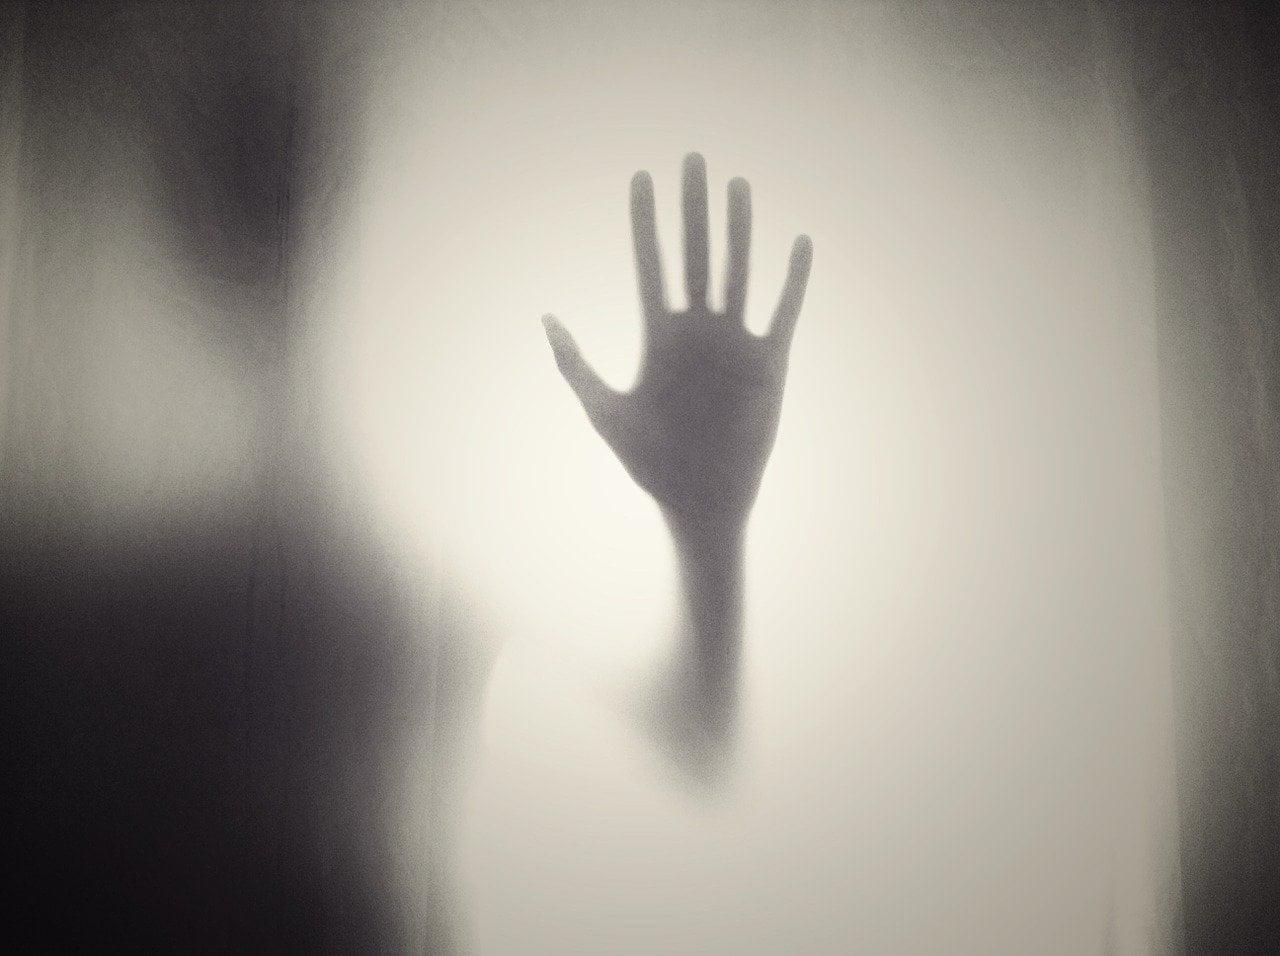 angst voor de angst doorbreken